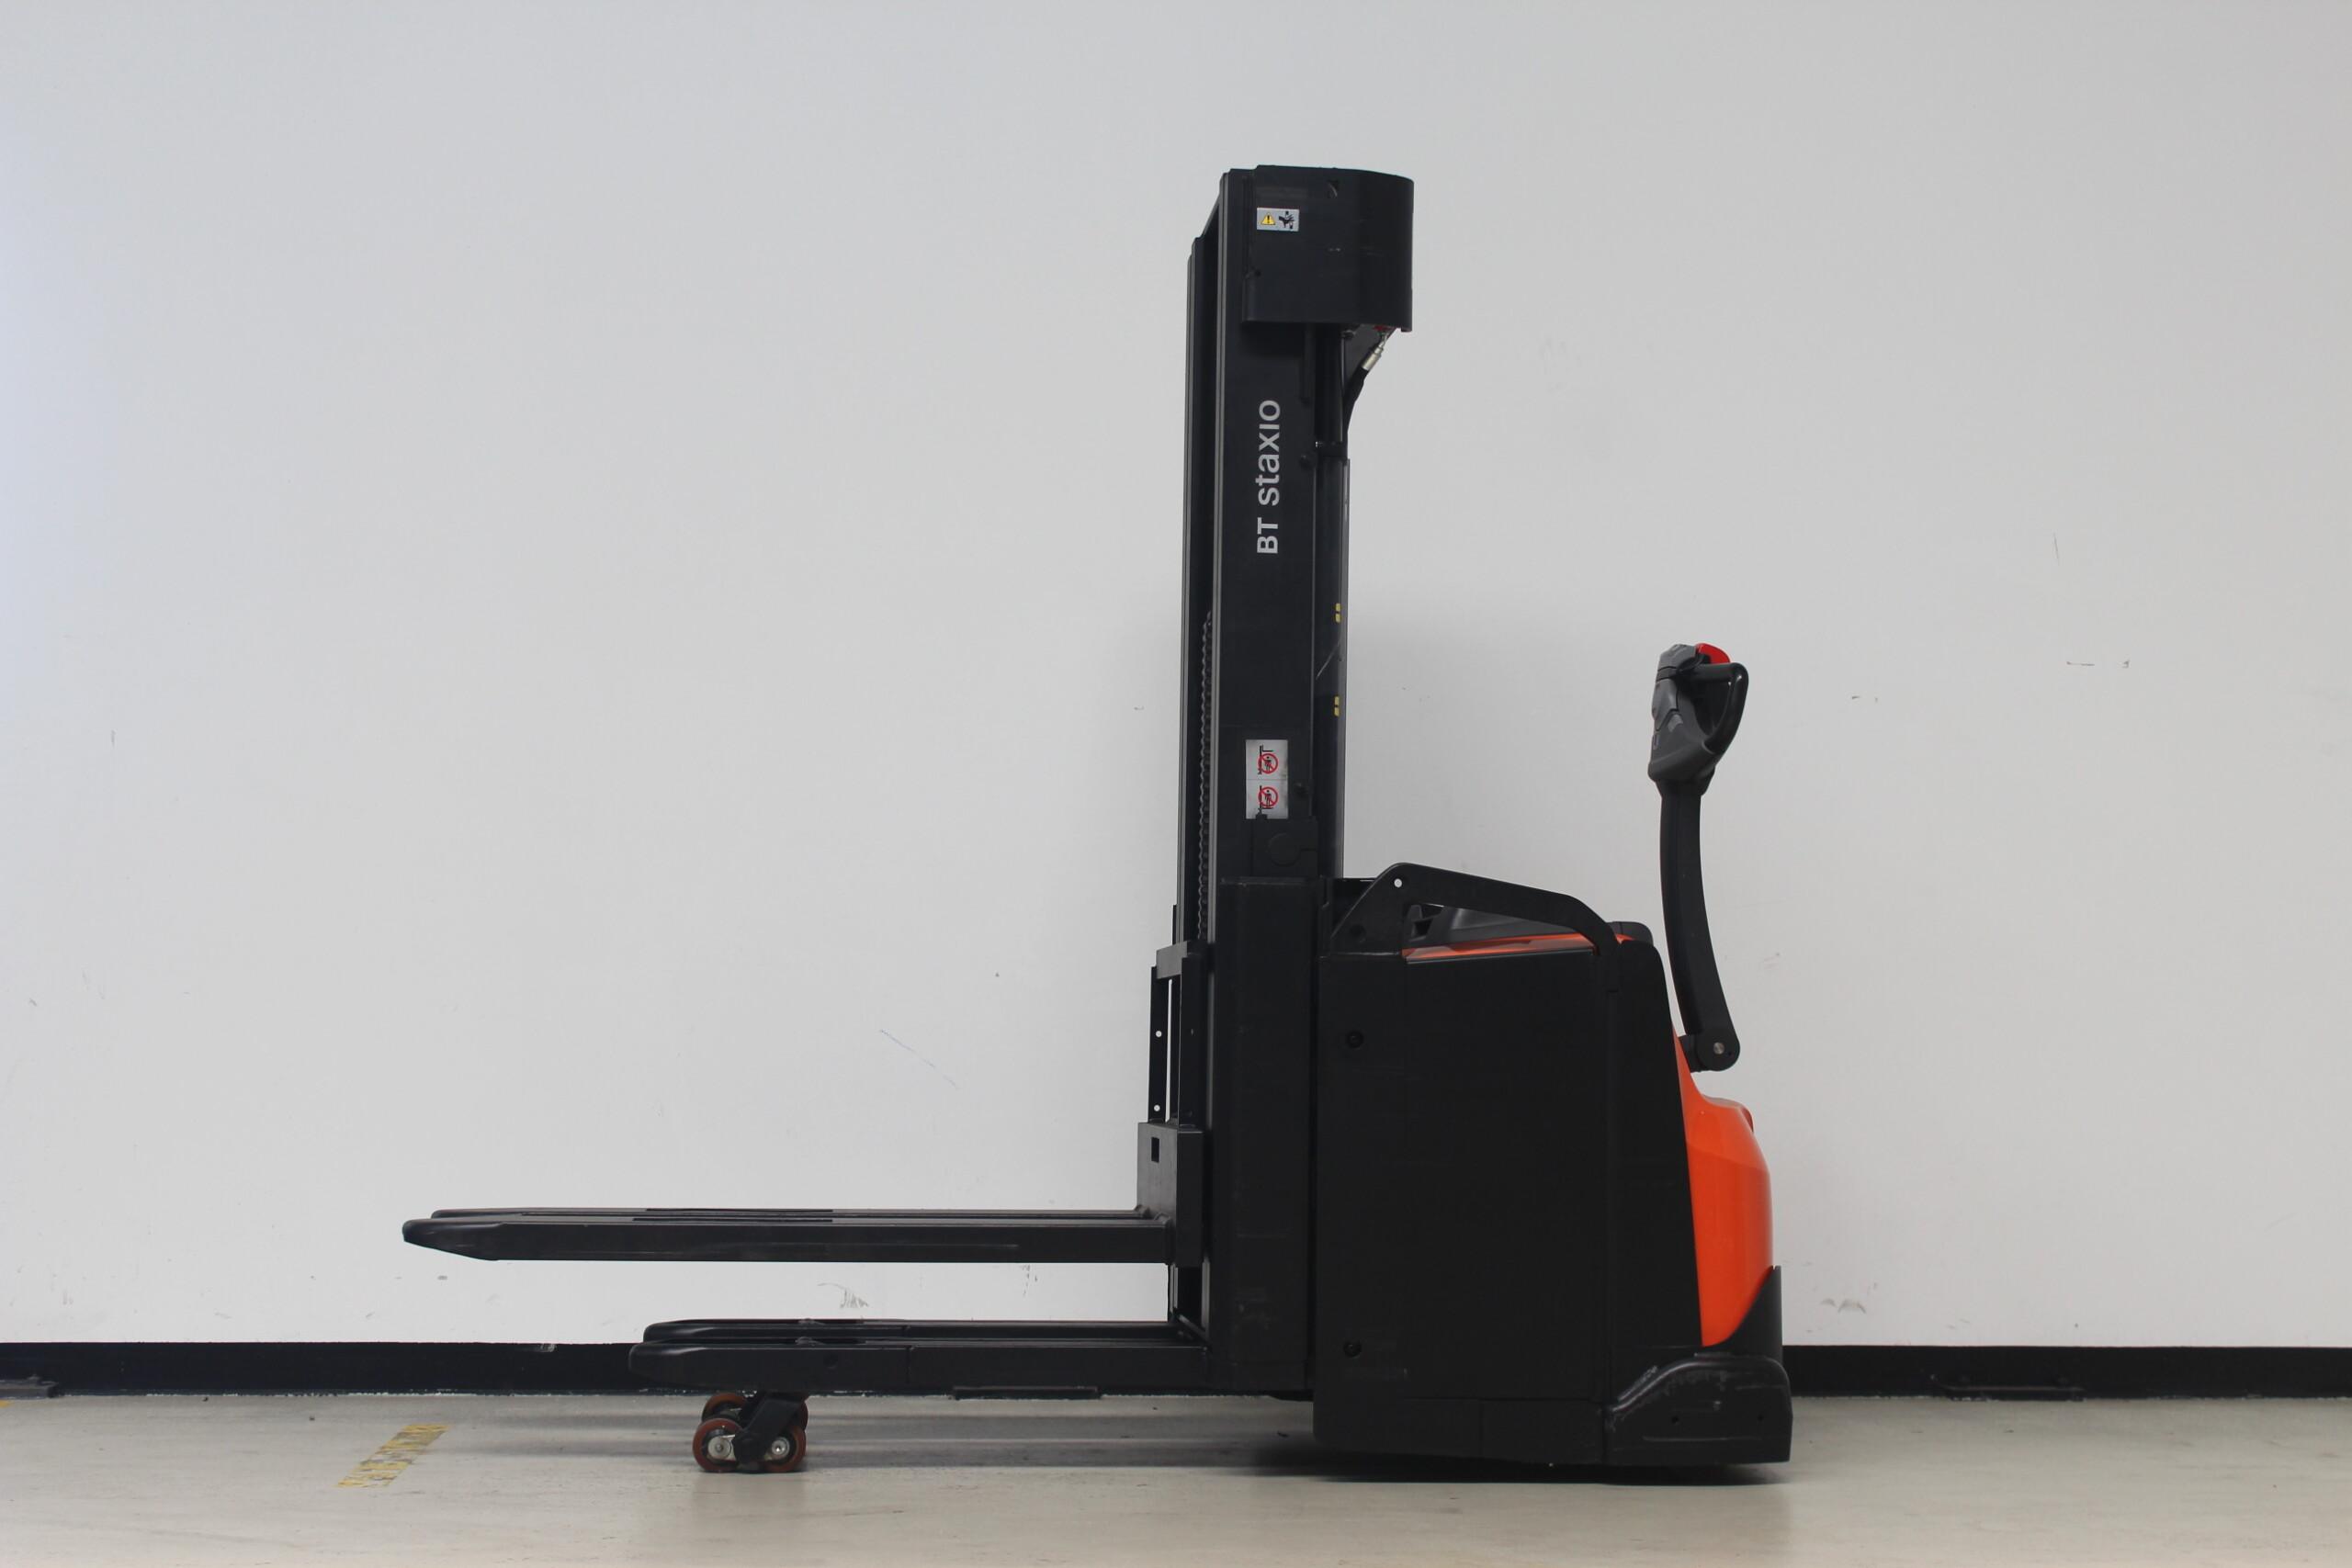 Toyota-Gabelstapler-59840 1706008763 1 37 scaled